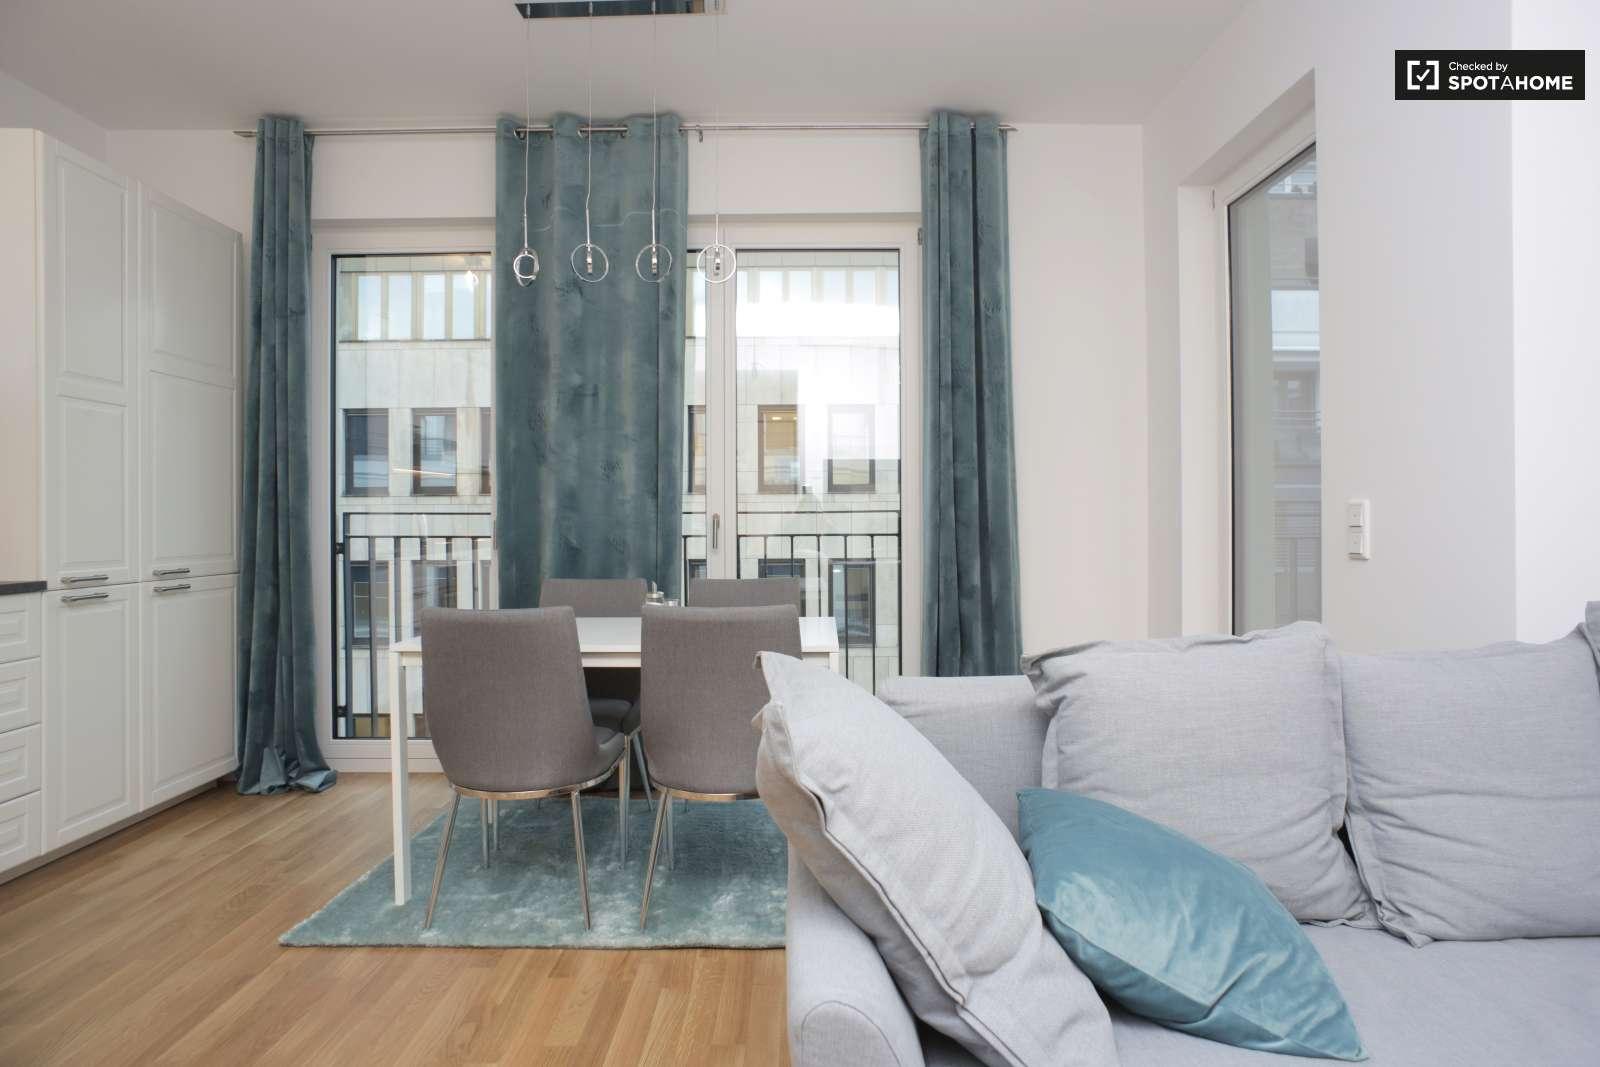 1 Zimmer Wohnung Zu Vermieten In Kreuzberg